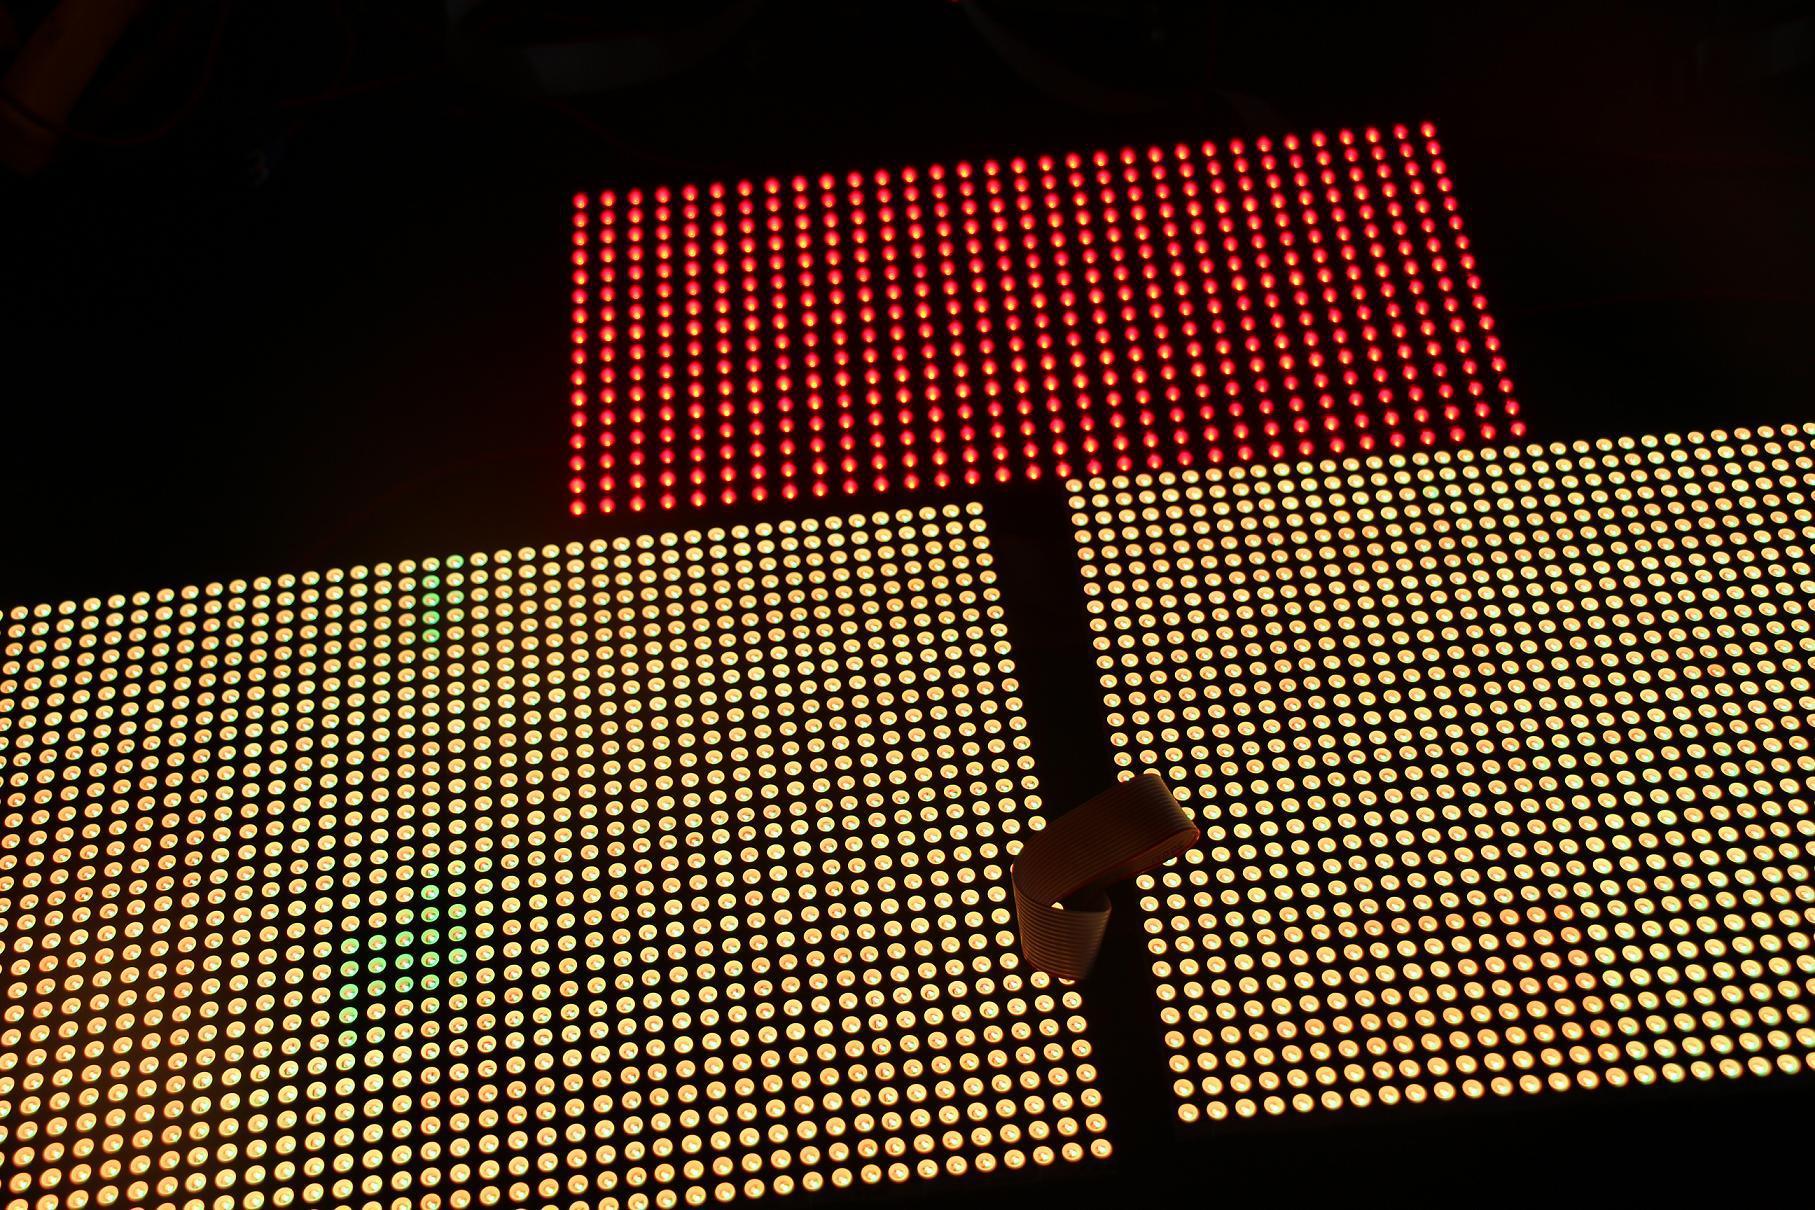 广州市红豆粤剧团LED舞台屏专用5.0点阵双色单元板(奥马哈)